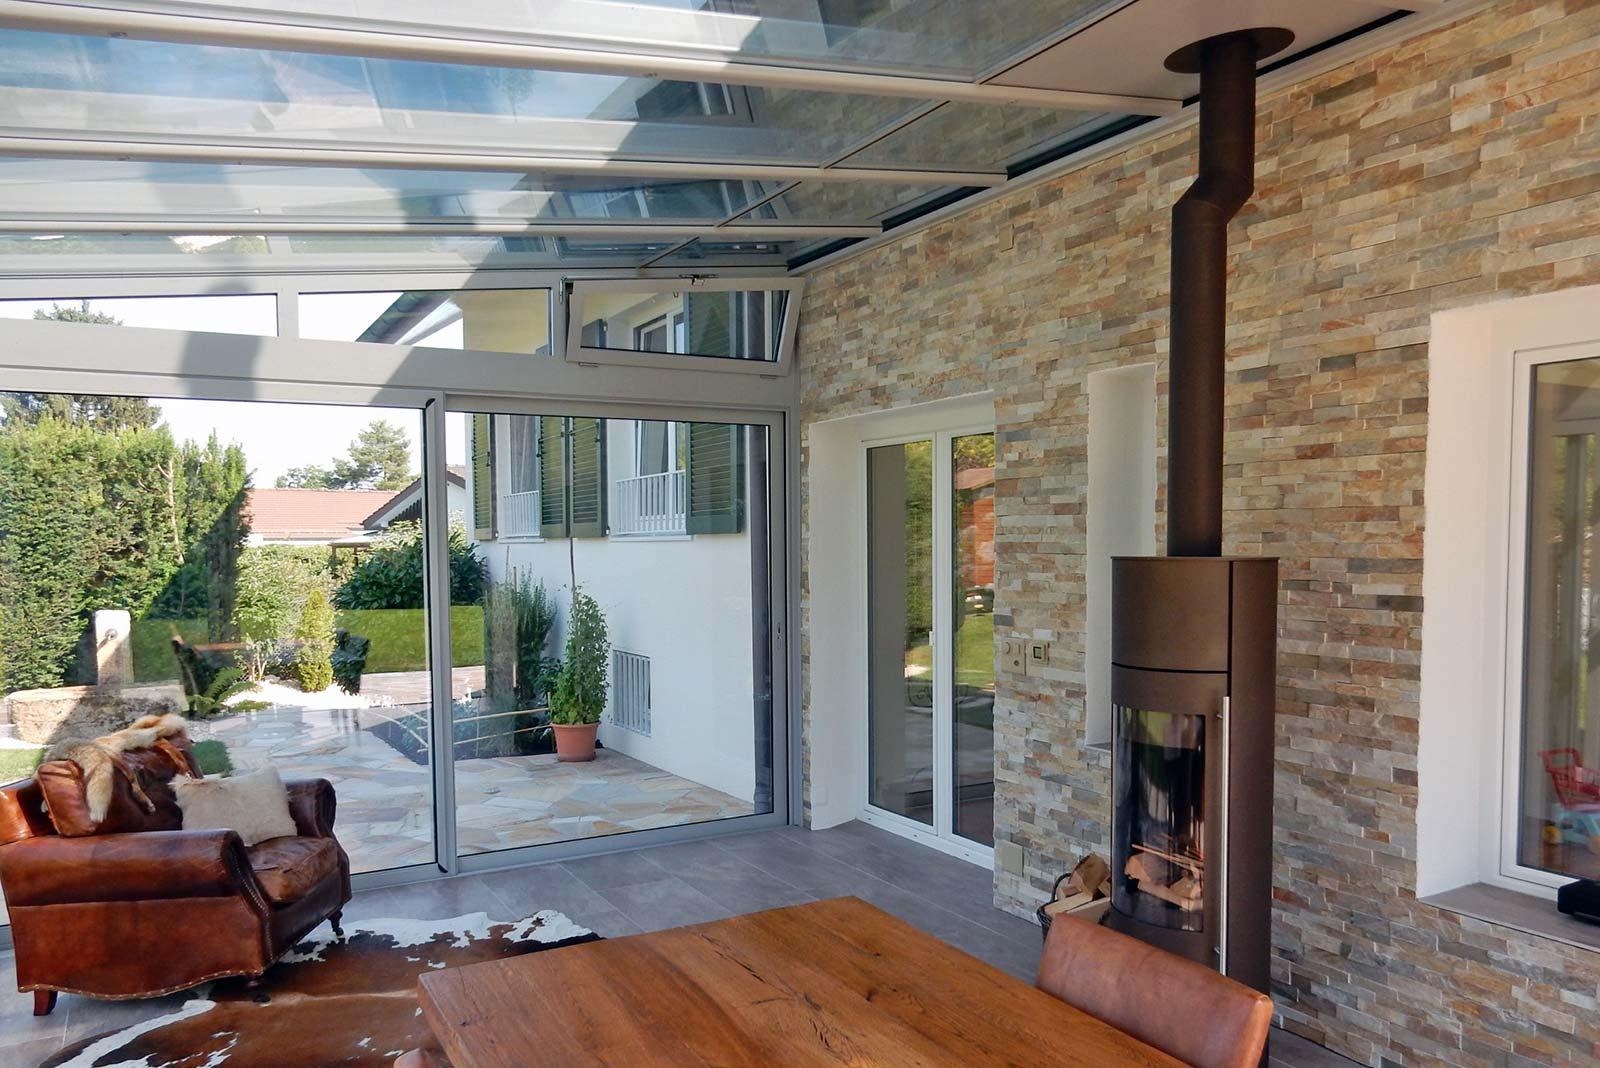 veranda avec poele a bois de piliers en pires de parement avec palissade en bardage bois et. Black Bedroom Furniture Sets. Home Design Ideas